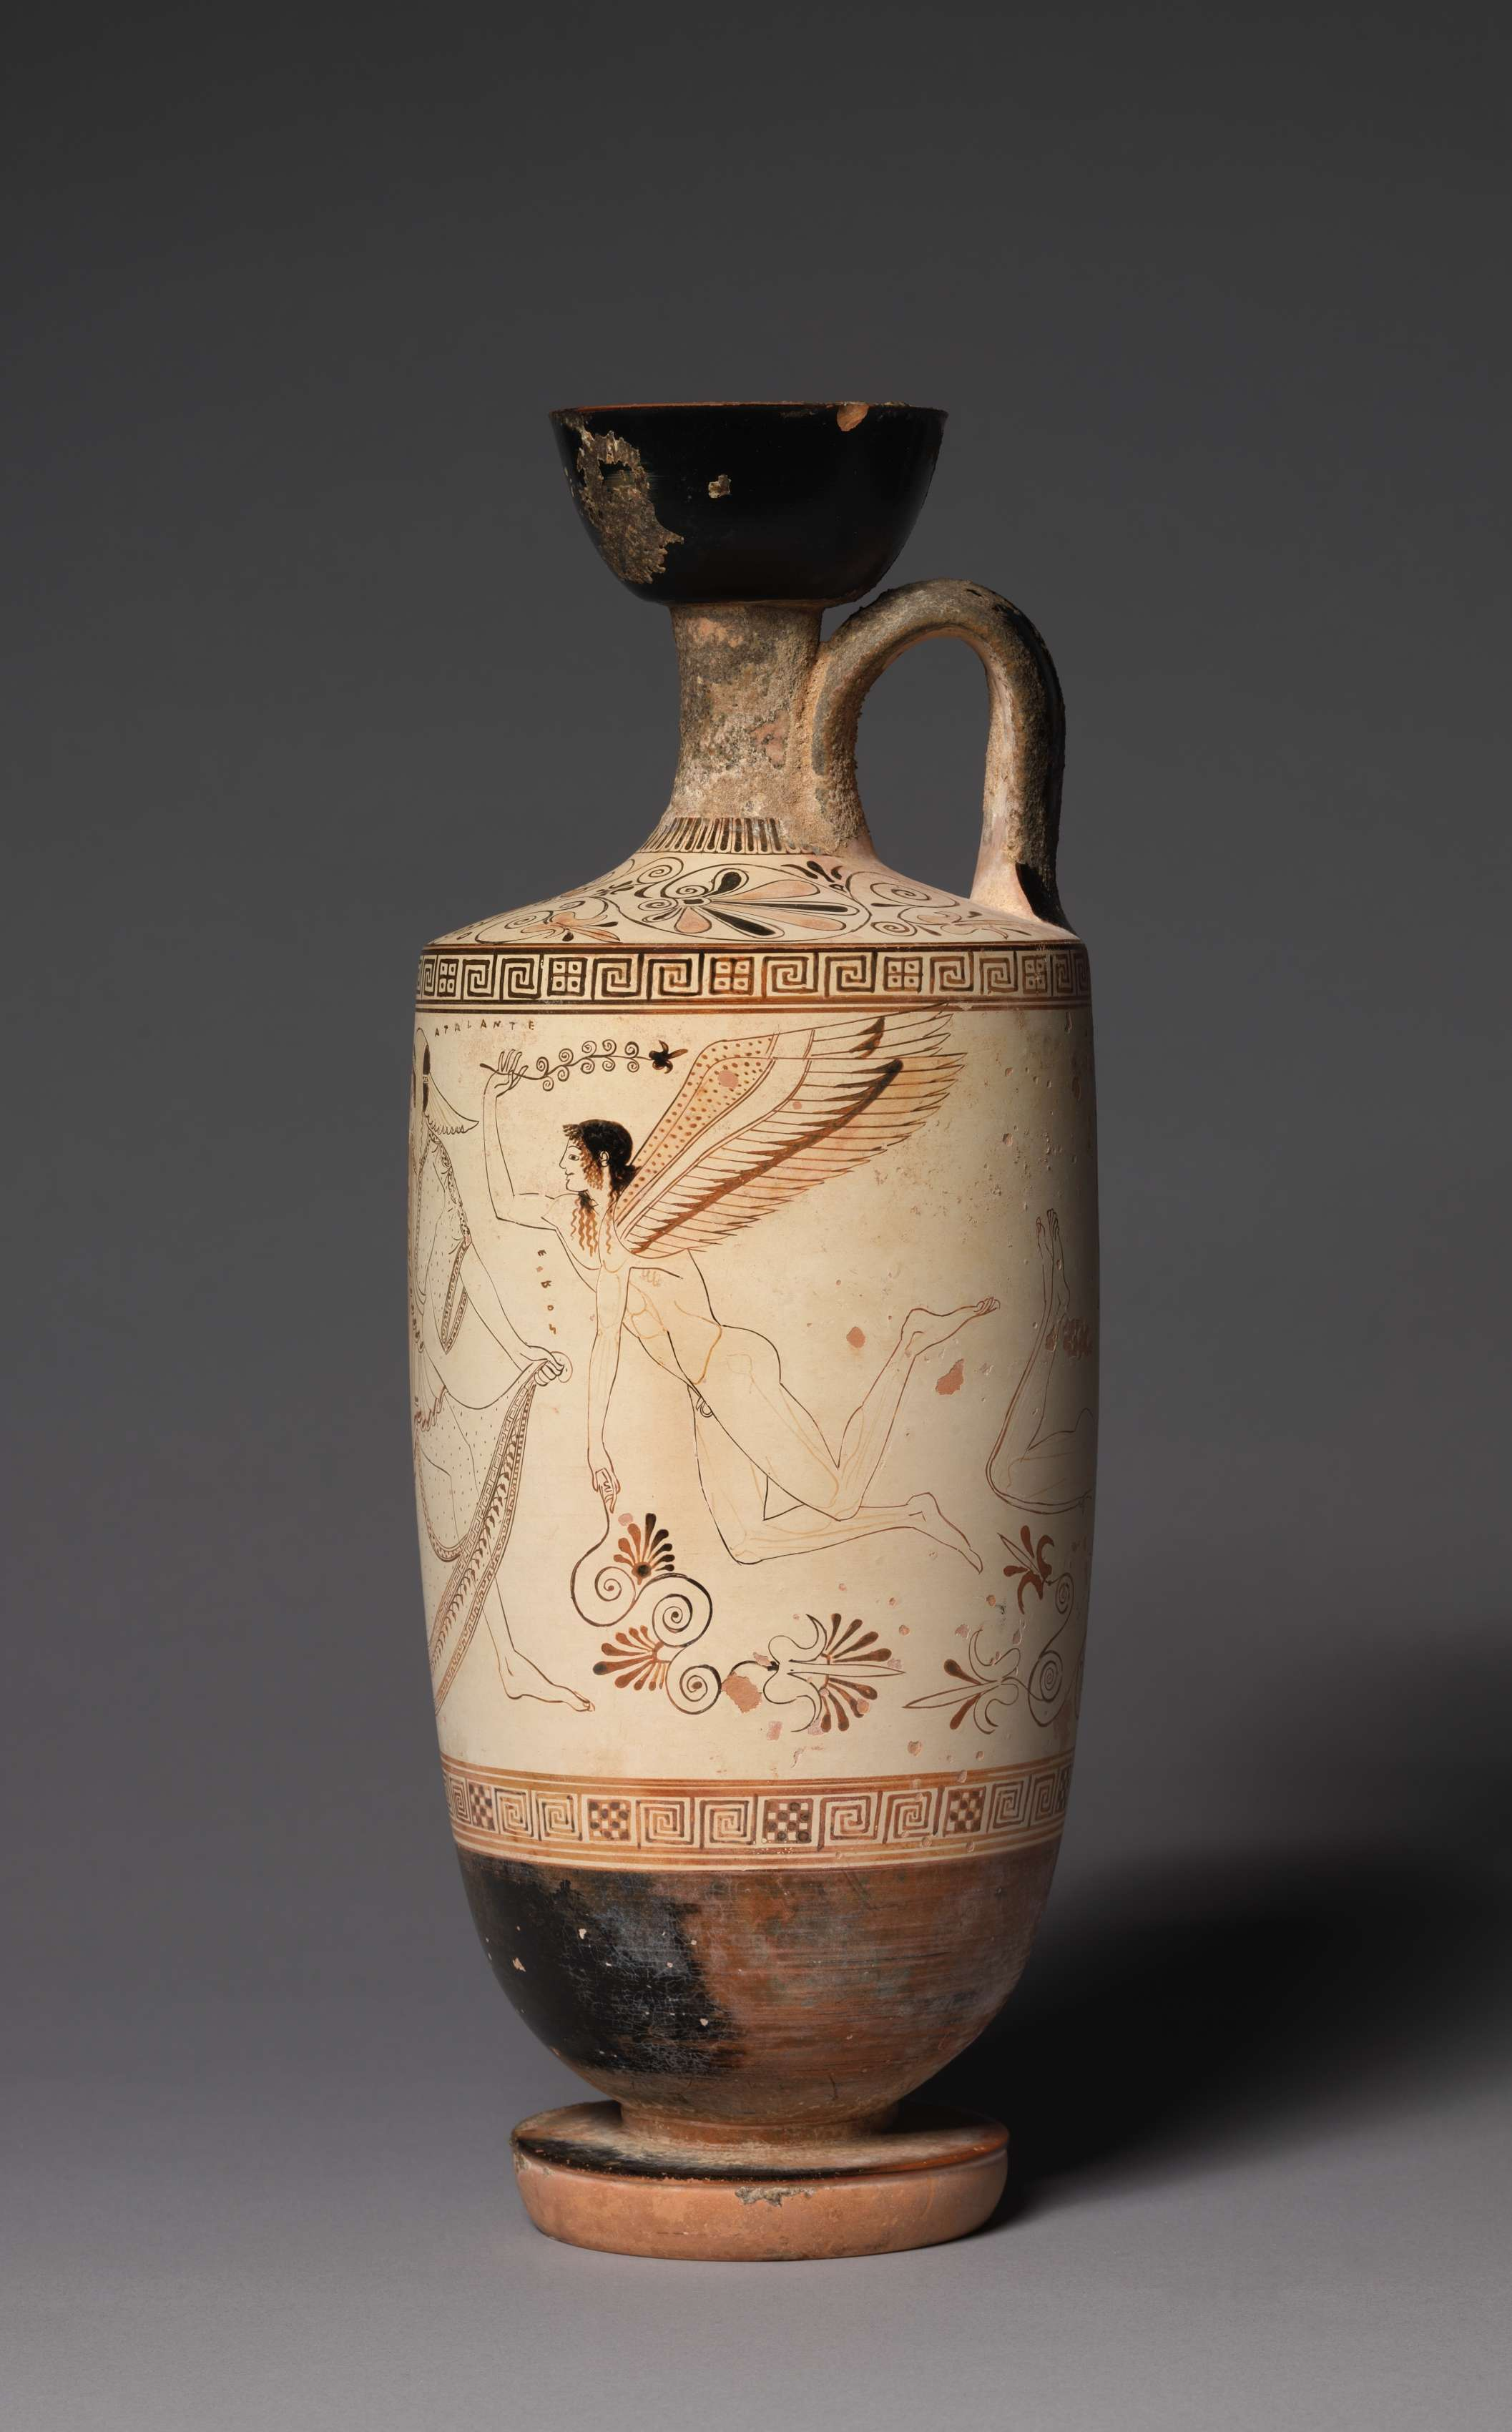 Η λήκυθος είναι τύπος ελληνικής αγγειοπλαστικής η οποία χρησίμευε για την τοποθέτηση ελαιόλαδου. White-Ground Lekythos (Oil Vessel): Atalanta and Erotes. 500-490 BC. Μουσείο Τέχνης του Κλίβελαντ.